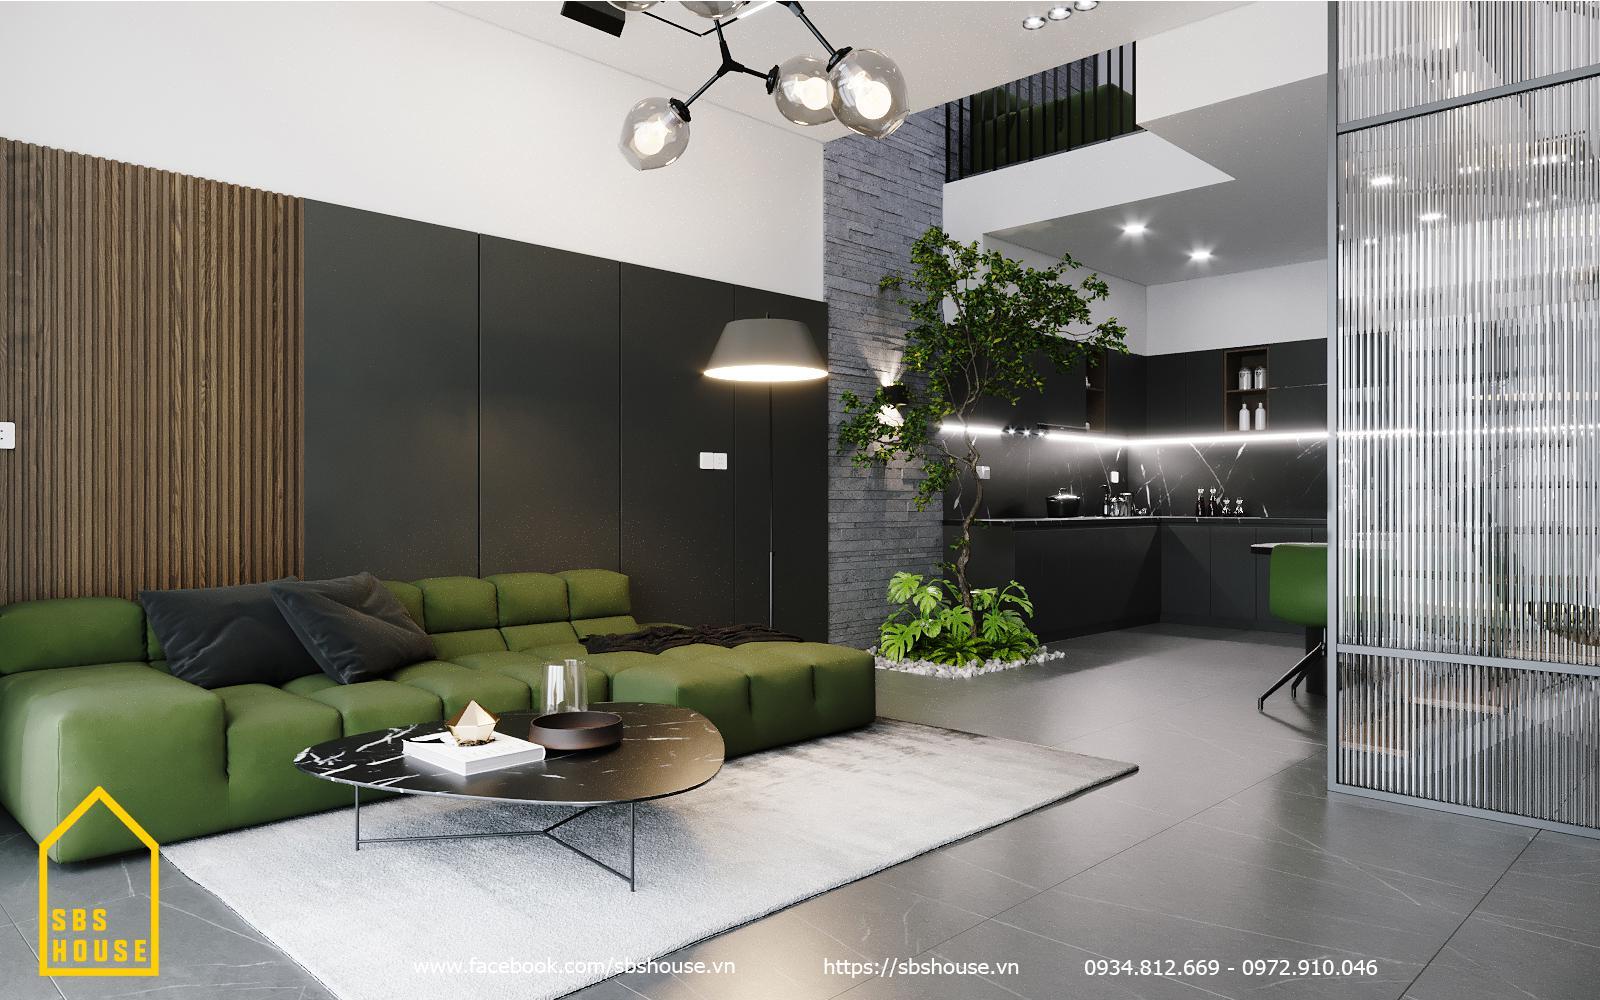 mẫu nhà ống 3 tầng đẹp 2020